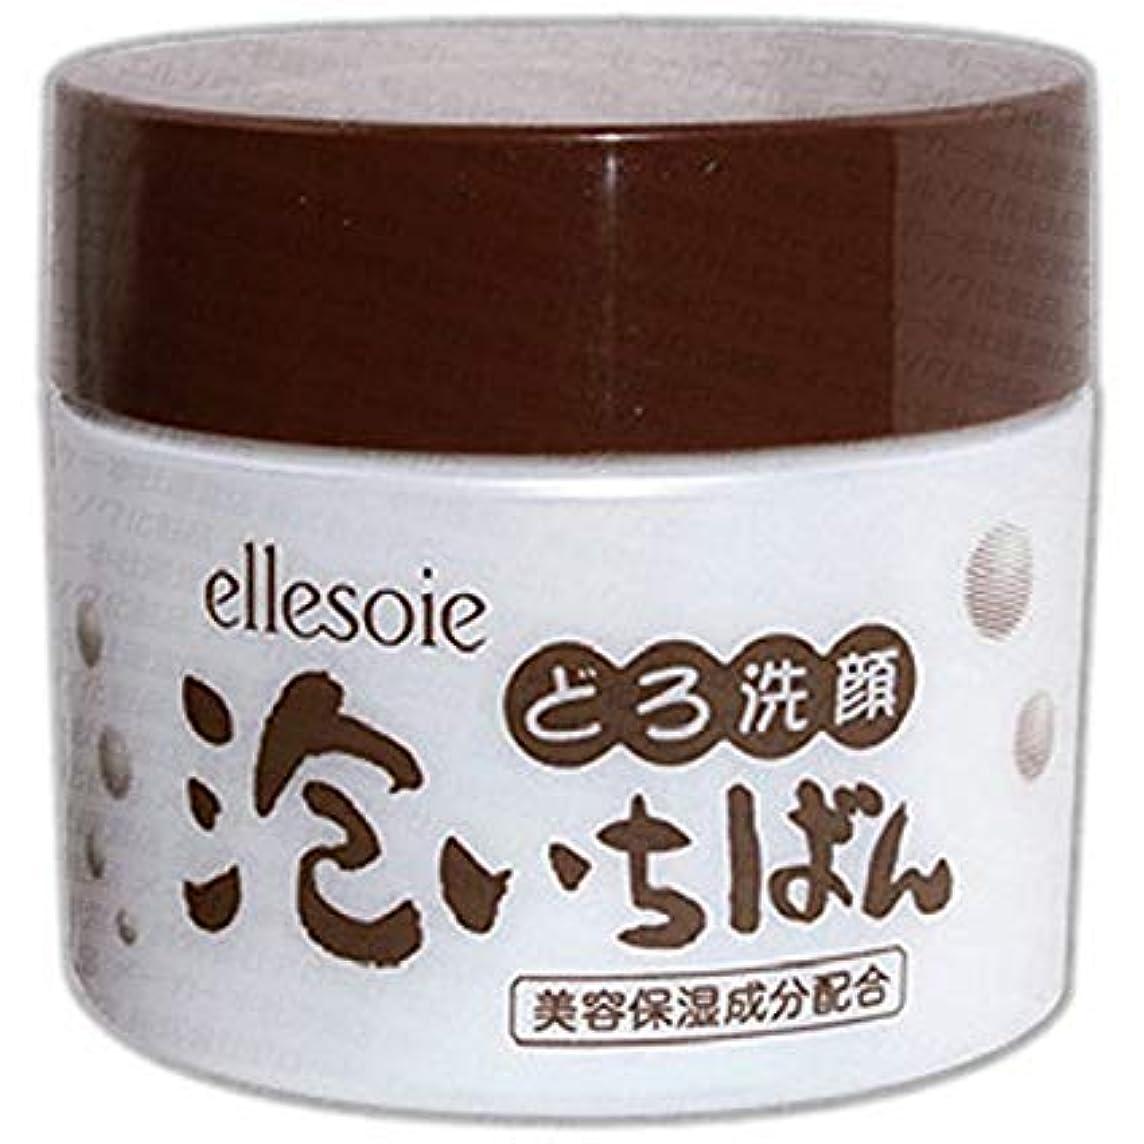 仮装すり分エルソワ化粧品(ellesoie) どろ洗顔 泡いちばん 120g入り (ジャー容器入り120g)